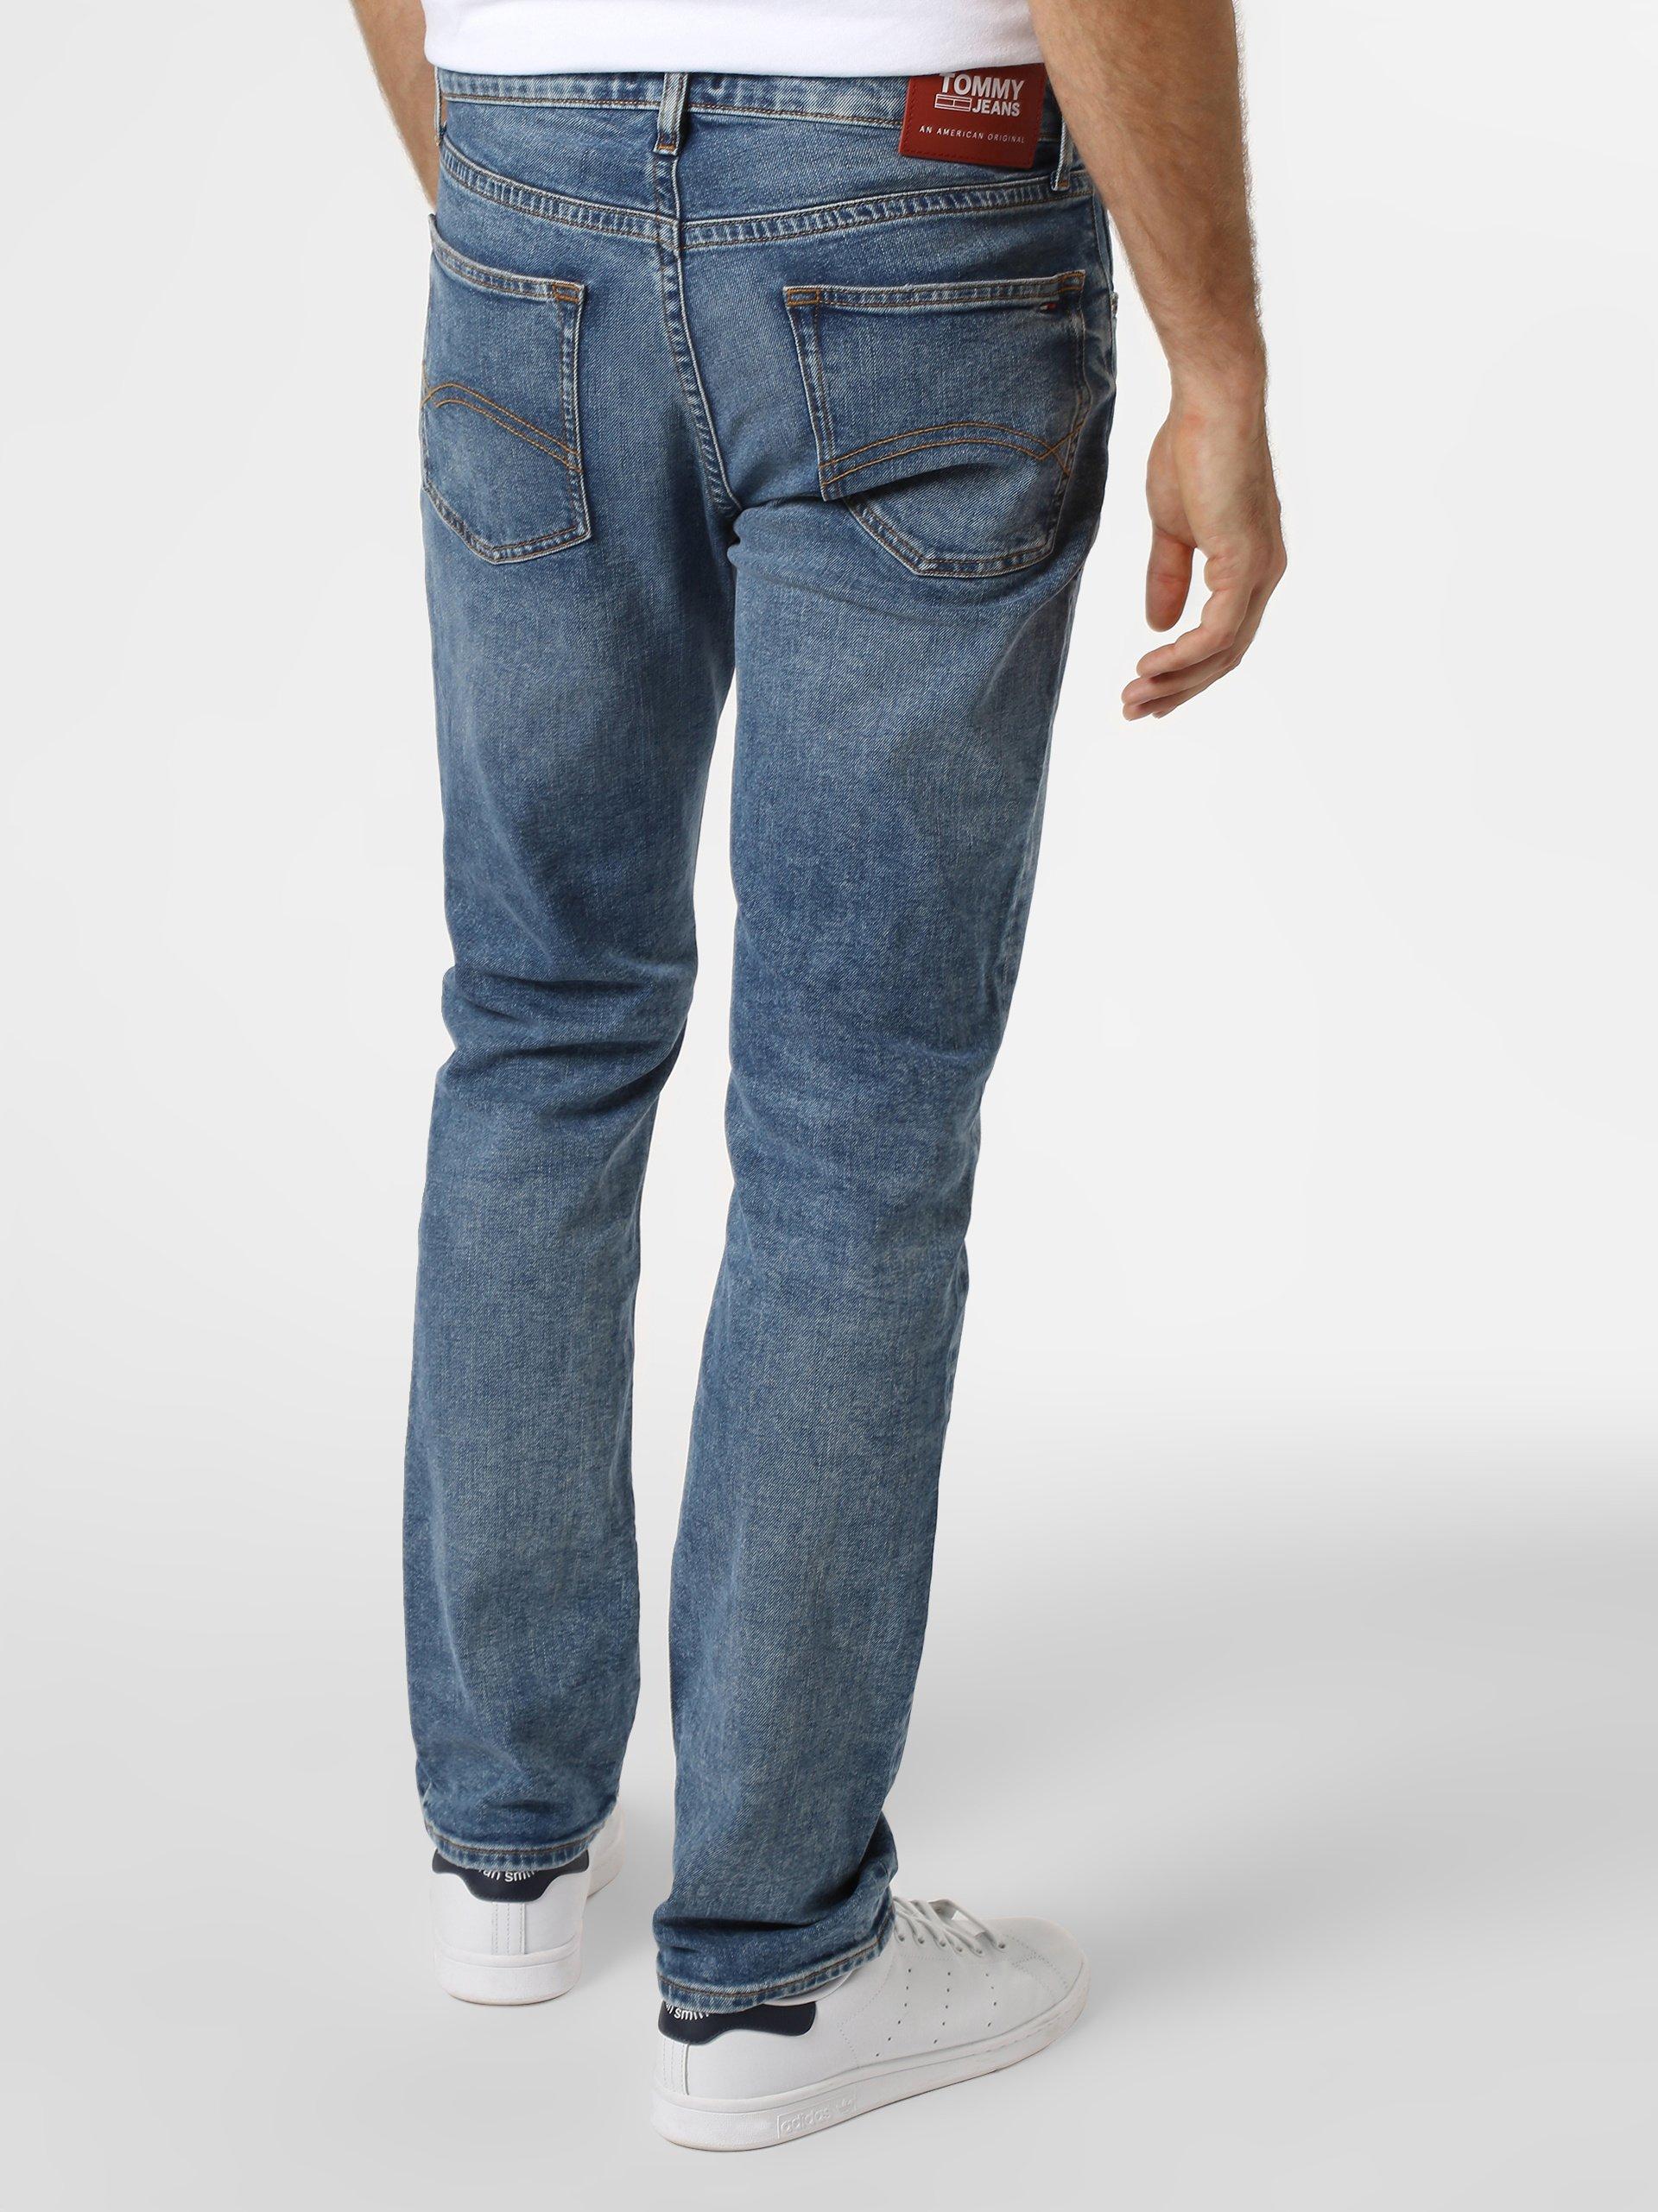 Tommy Jeans Herren Jeans - Ryan